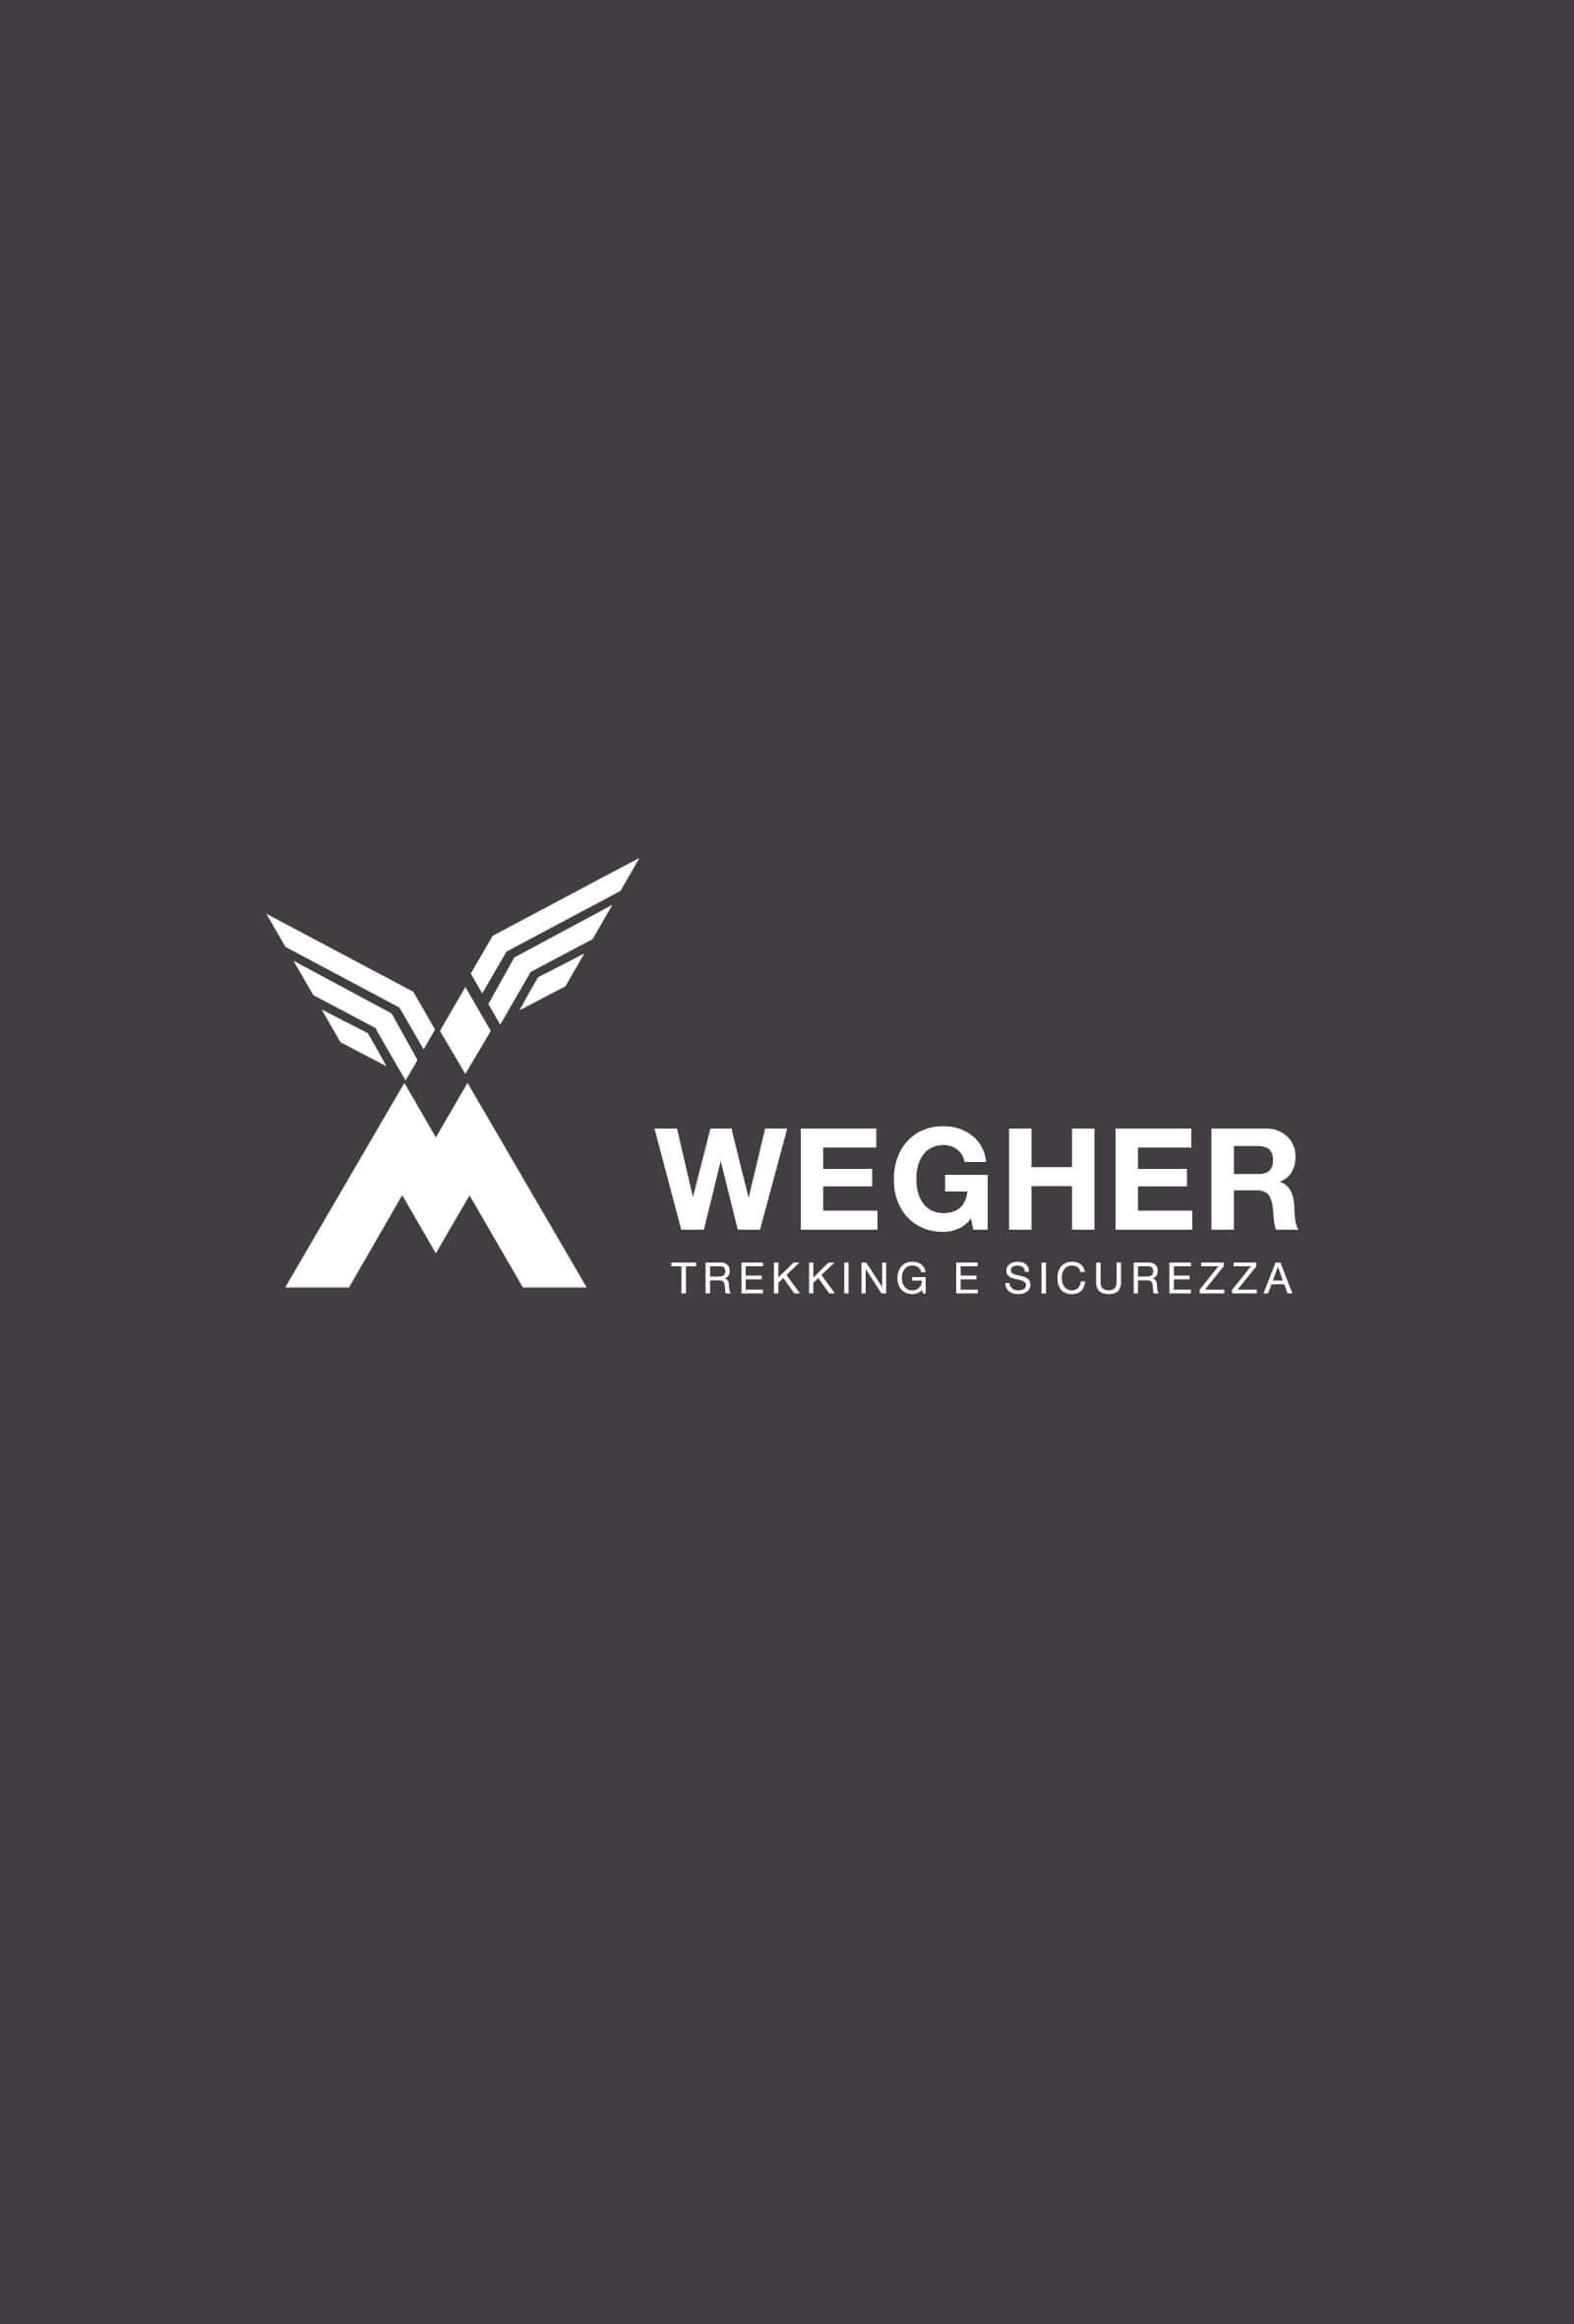 progetto del marchio in versione negativa wegher, realizzato dallo studio grafico diadestudio di trento